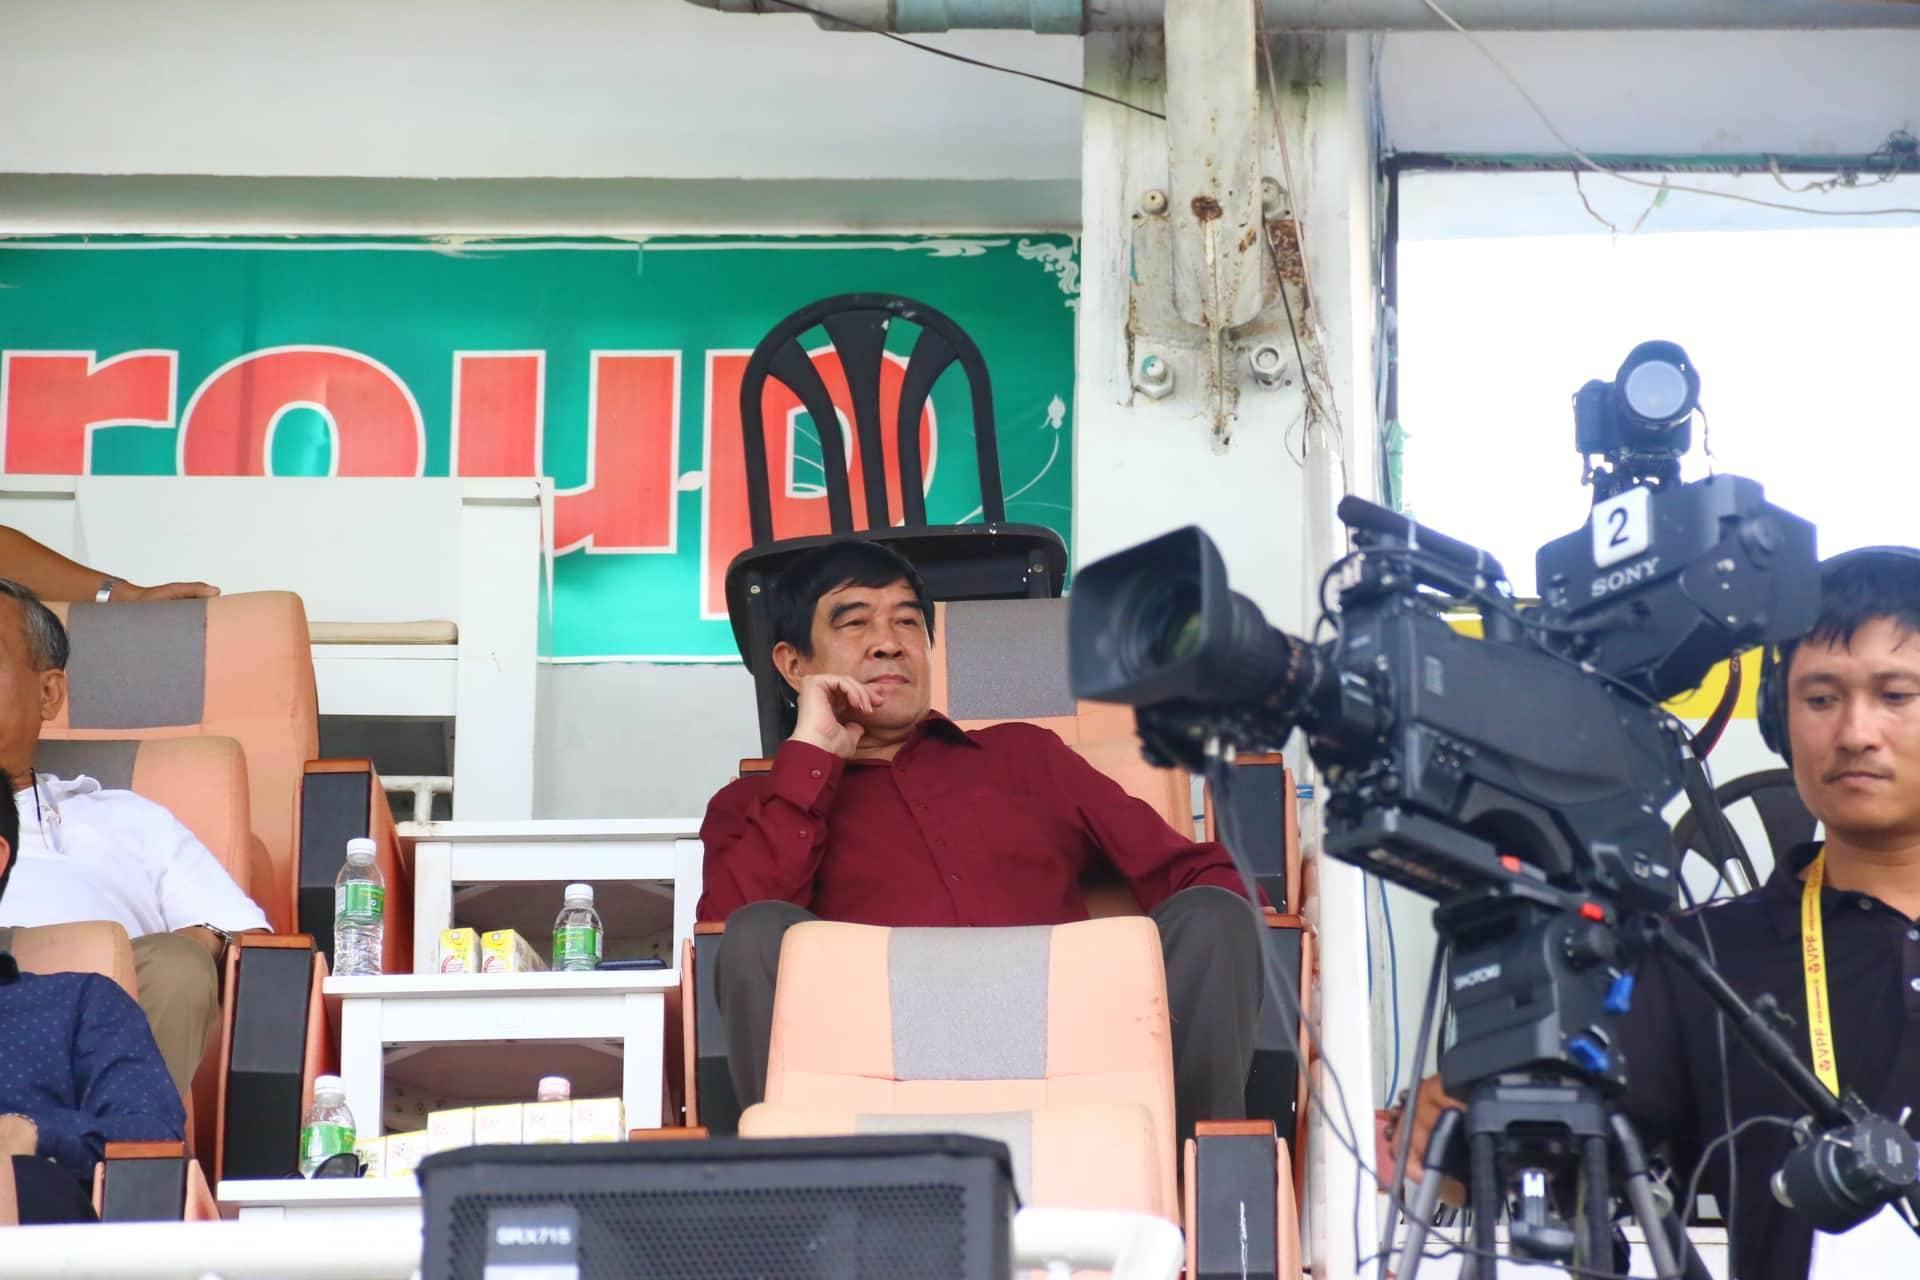 Phó chủ tịch VFF Nguyễn Xuân Gụ từ chức sau nghi vấn mua dâm ở khách sạn - Ảnh 2.